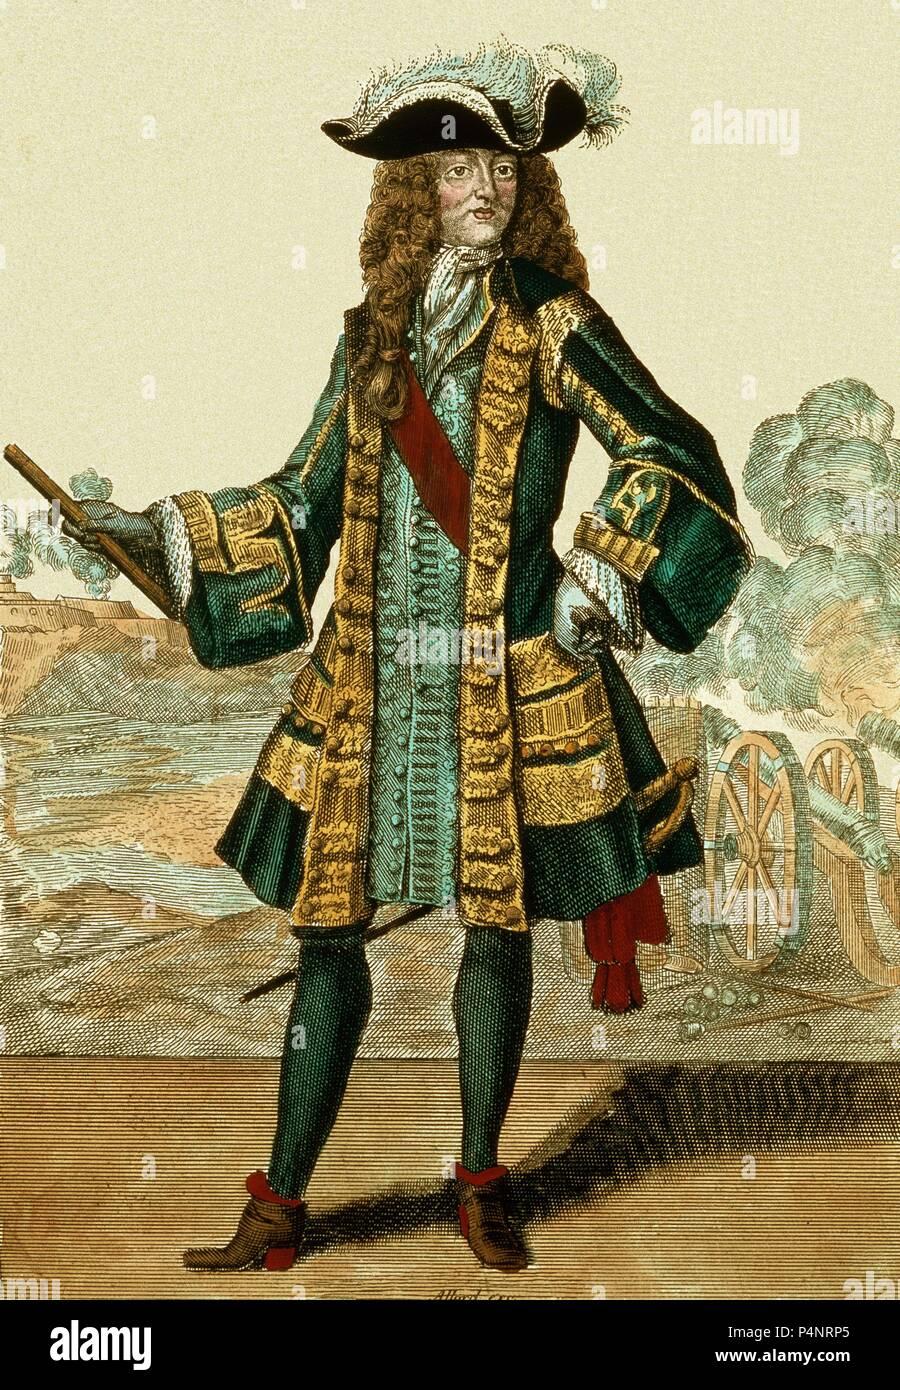 FEDERICO I REY DE PRUSIA (1657-1713)  GRABADO. Author: Abraham Allard (17th-18th cent.). - Stock Image